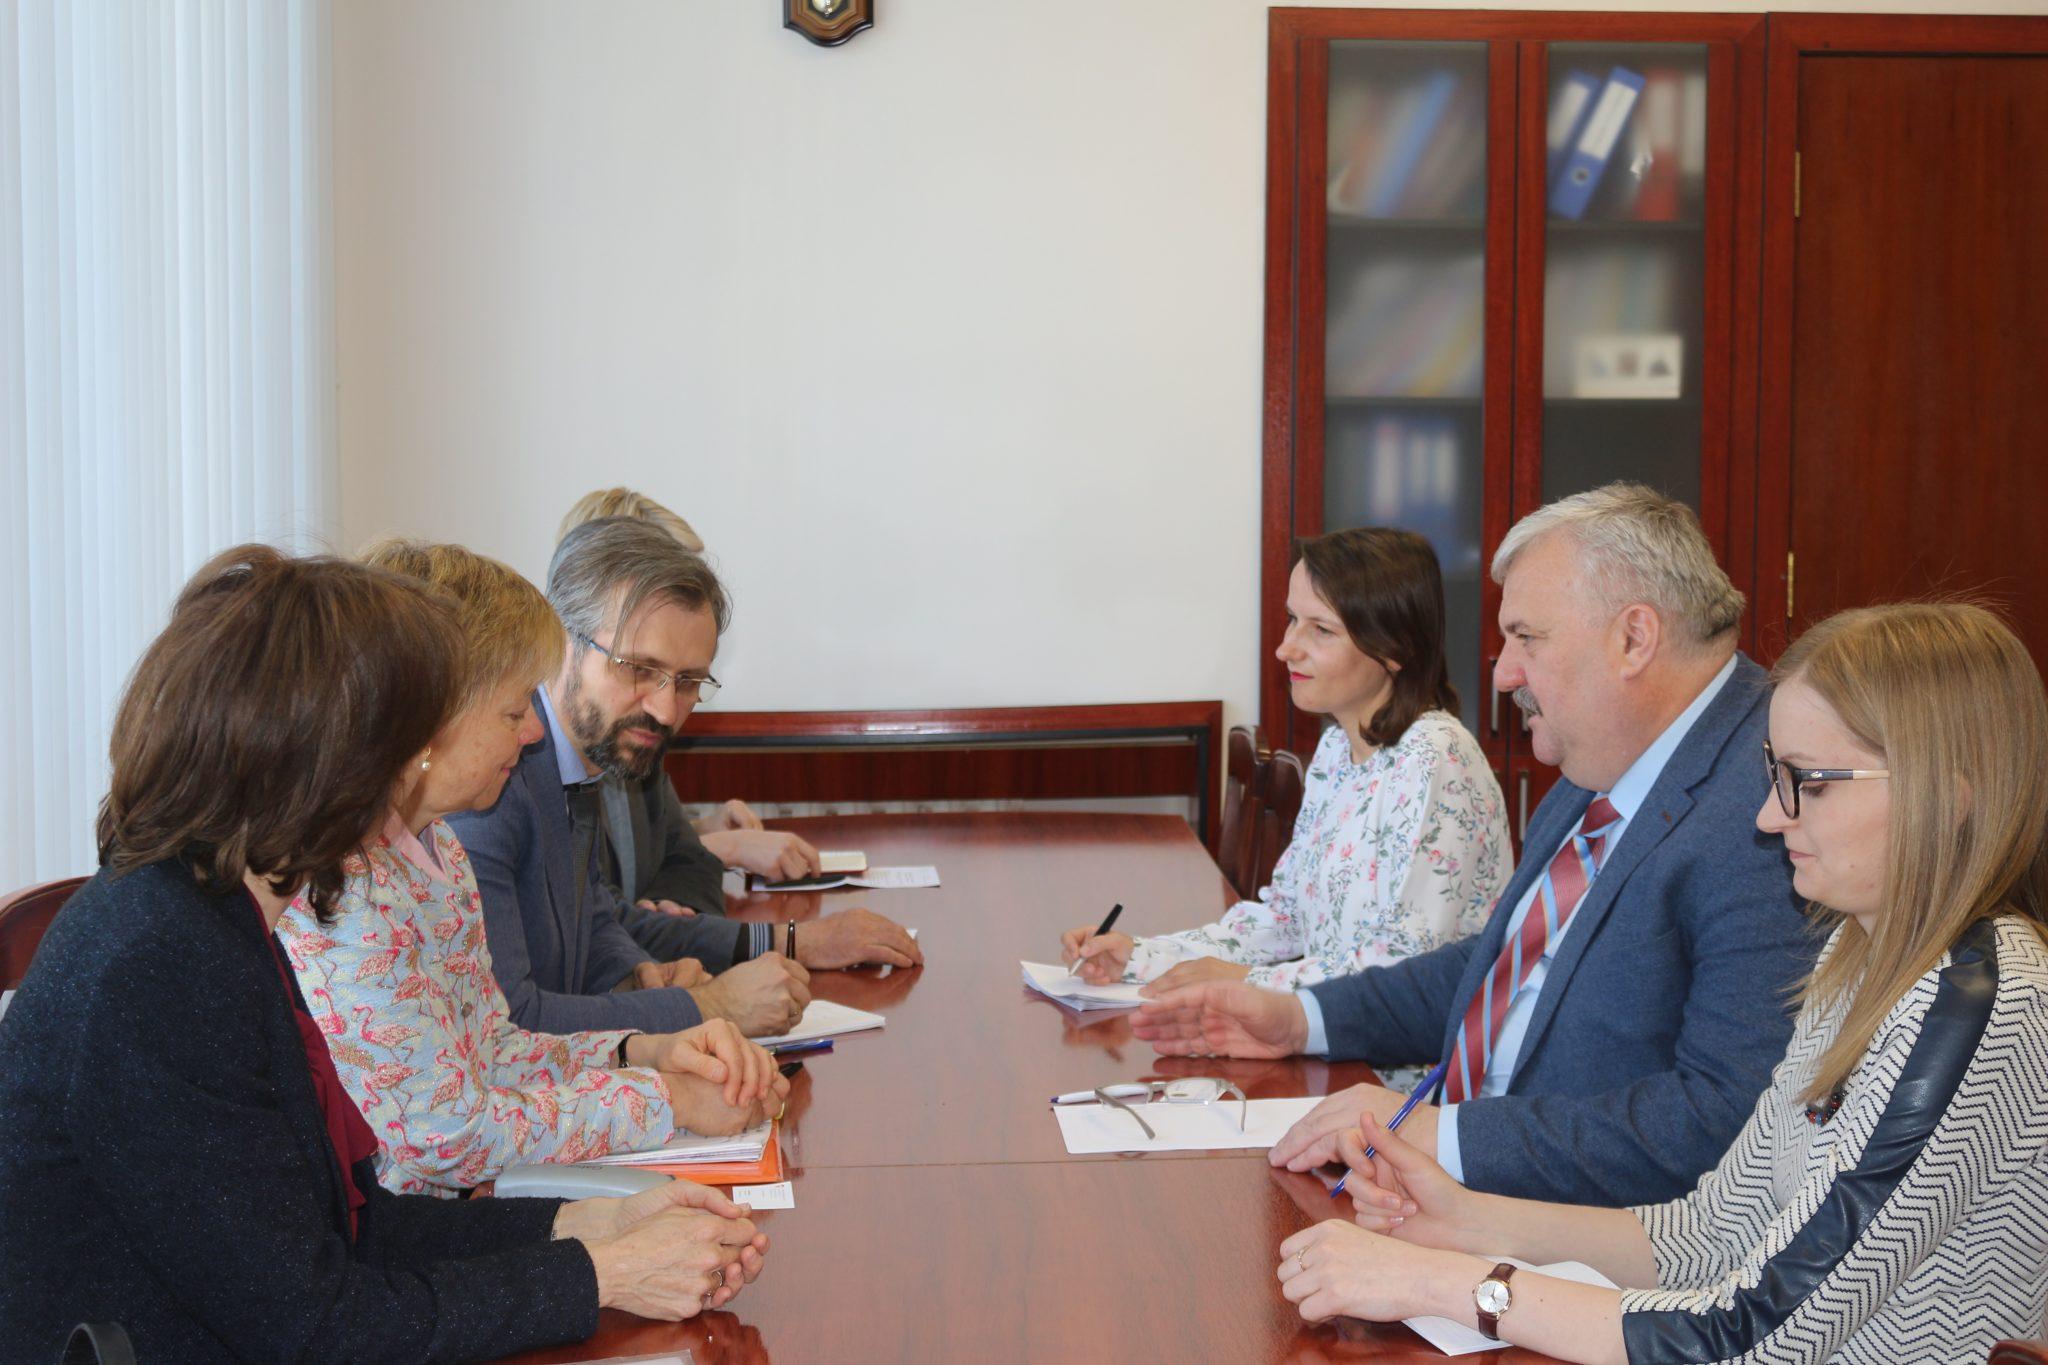 FOTO | Secretarul general de stat Igor Șarov a avut o întrevedere cu șefa Diviziunii Eurasia din cadrul Agenției Elvețiene pentru Dezvoltare și Cooperare, Barbara Böni